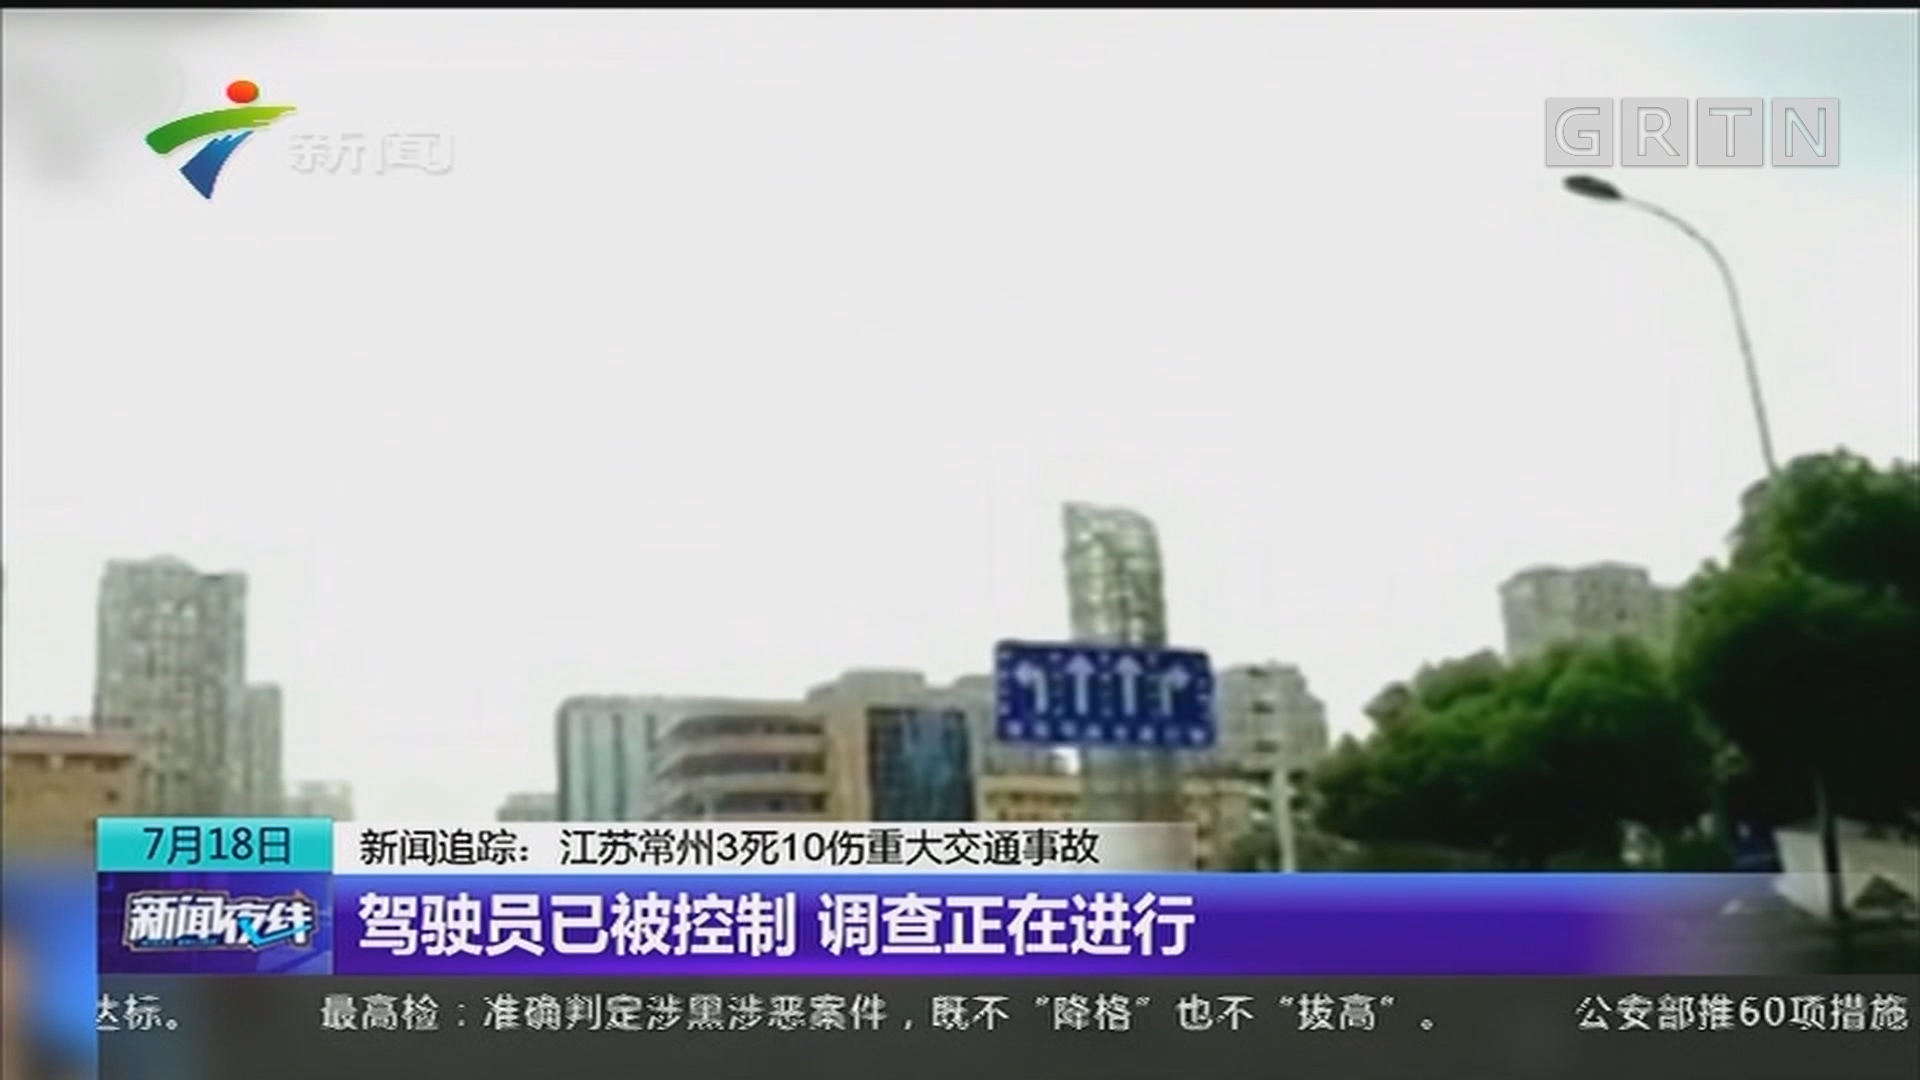 新闻追踪:江苏常州3死10伤重大交通事故 驾驶员已被控制 调查正在进行